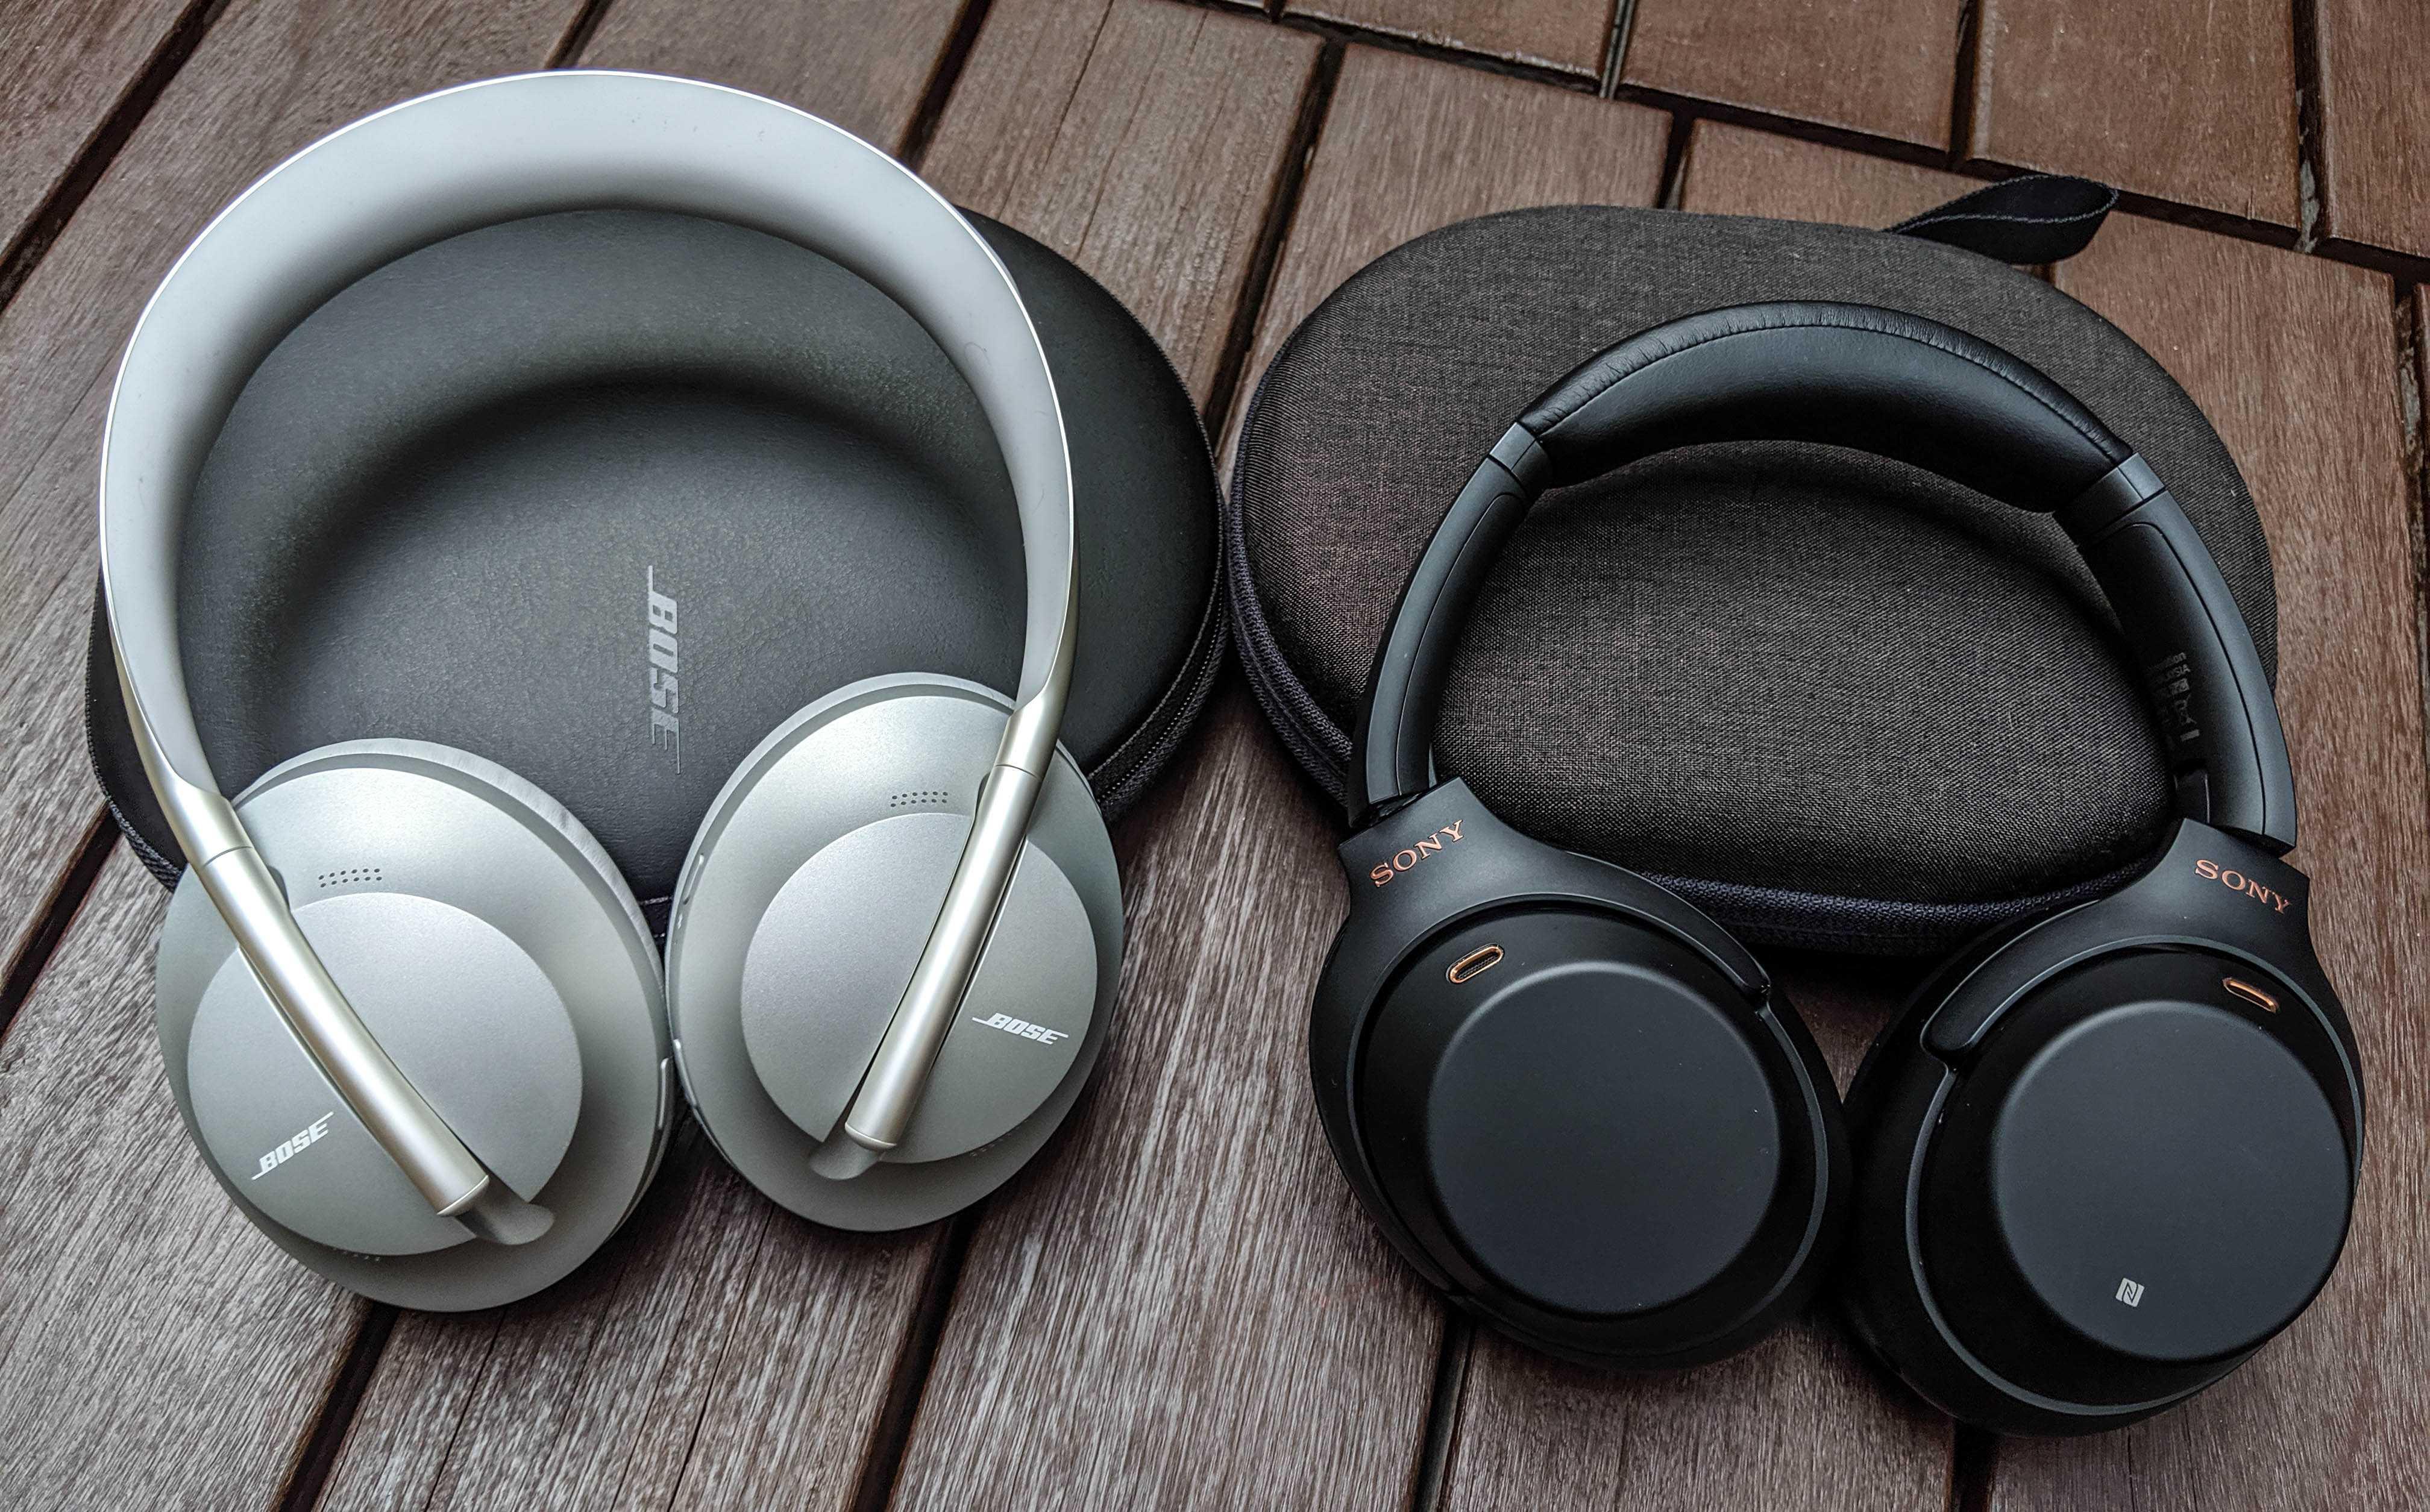 Обзор sony wh-1000xm4: наушники, которые вас слушают / звук и акустика